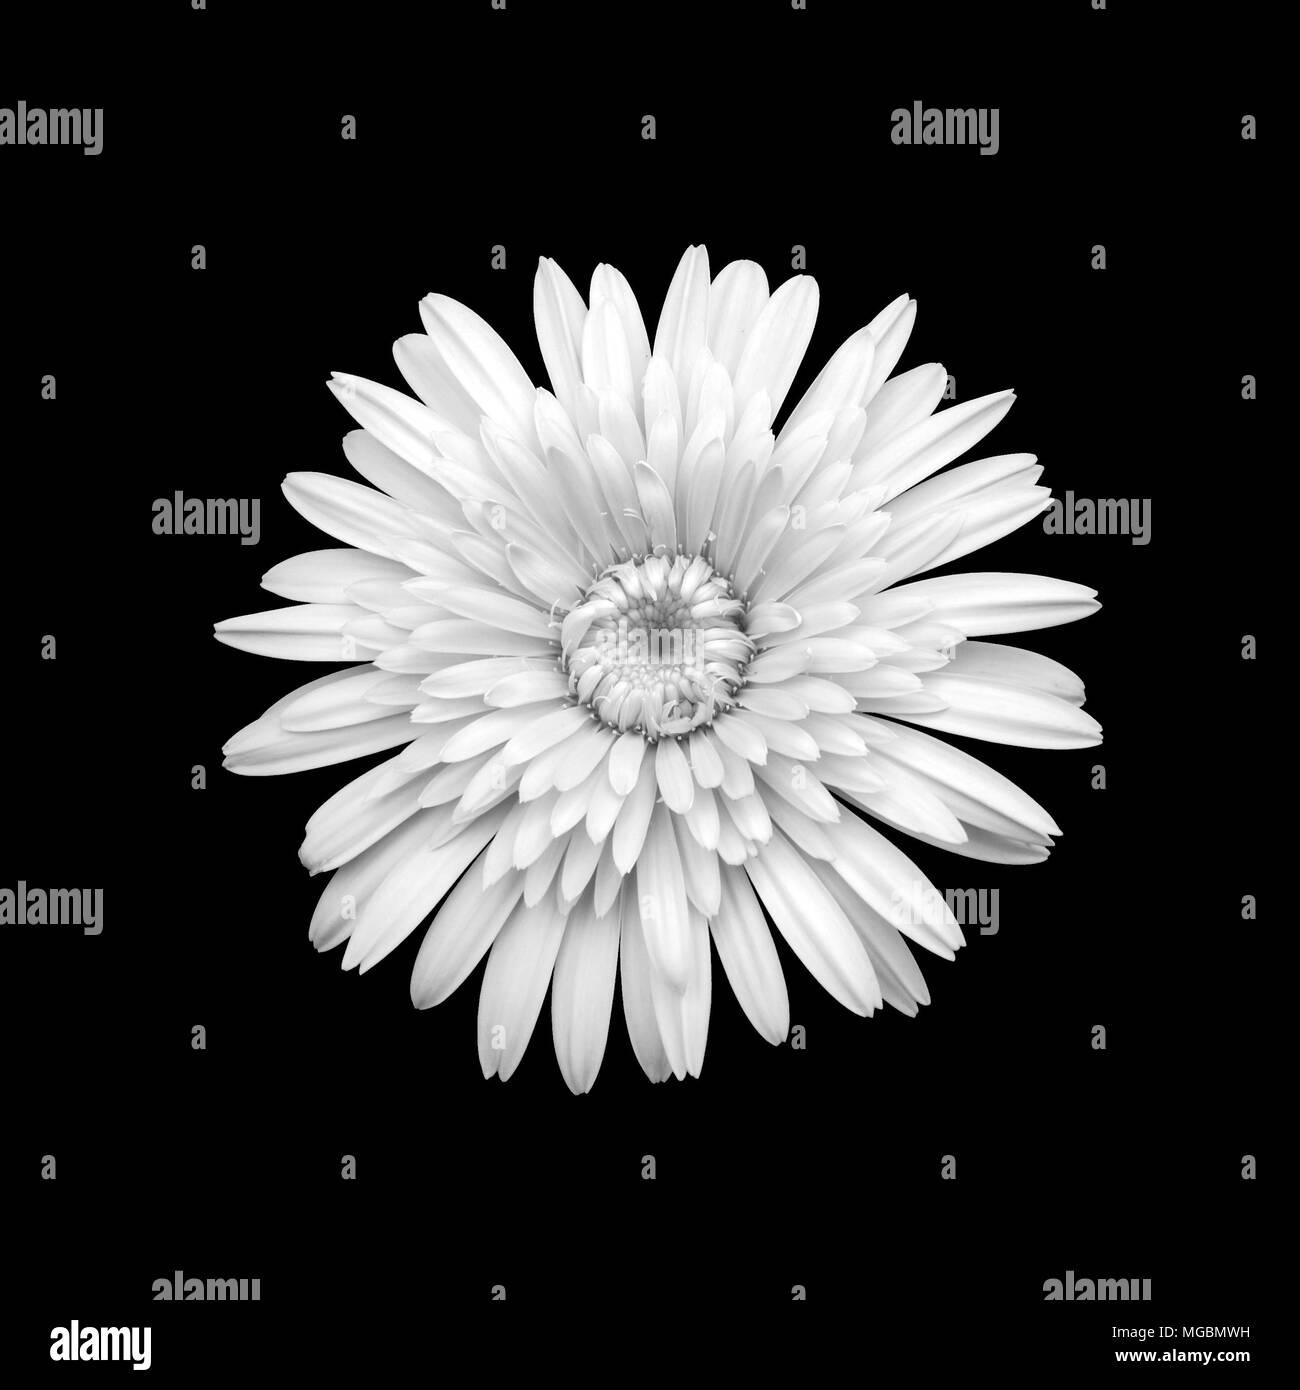 Fleur De Chrysantheme Blanc Et Noir Banque D Images Photo Stock